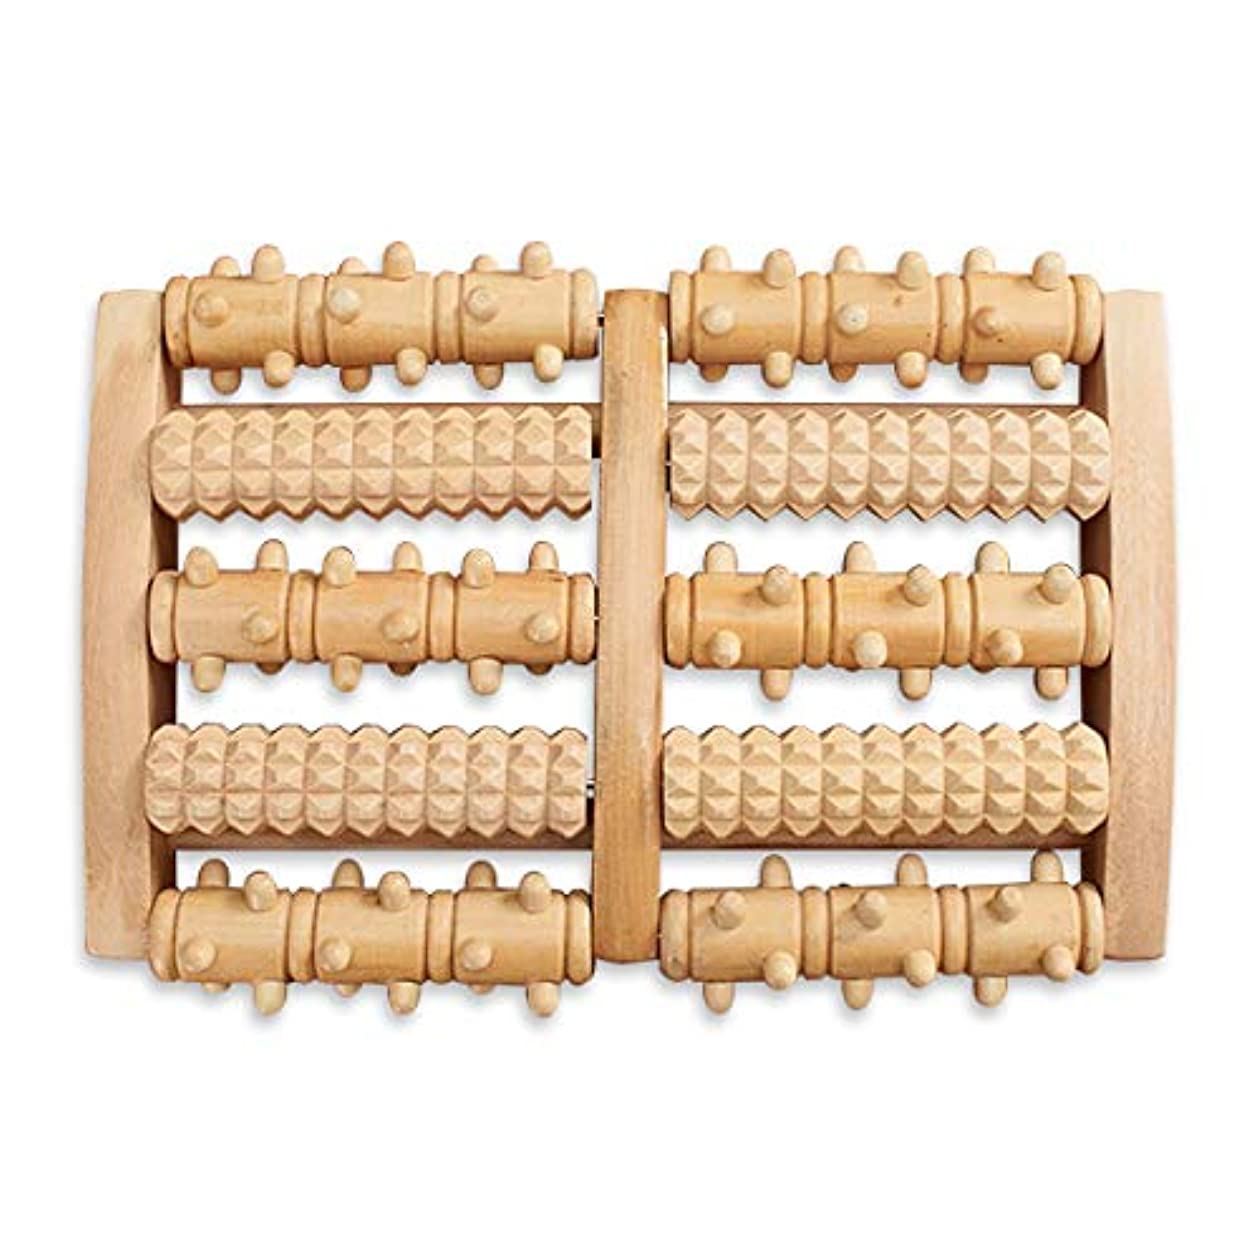 インスタンス捧げるブーストHAMILO フットローラー フットマッサージ器 足ツボ押し器 回転 木製 足裏 足つぼ 按摩 (ナチュラルウッド)